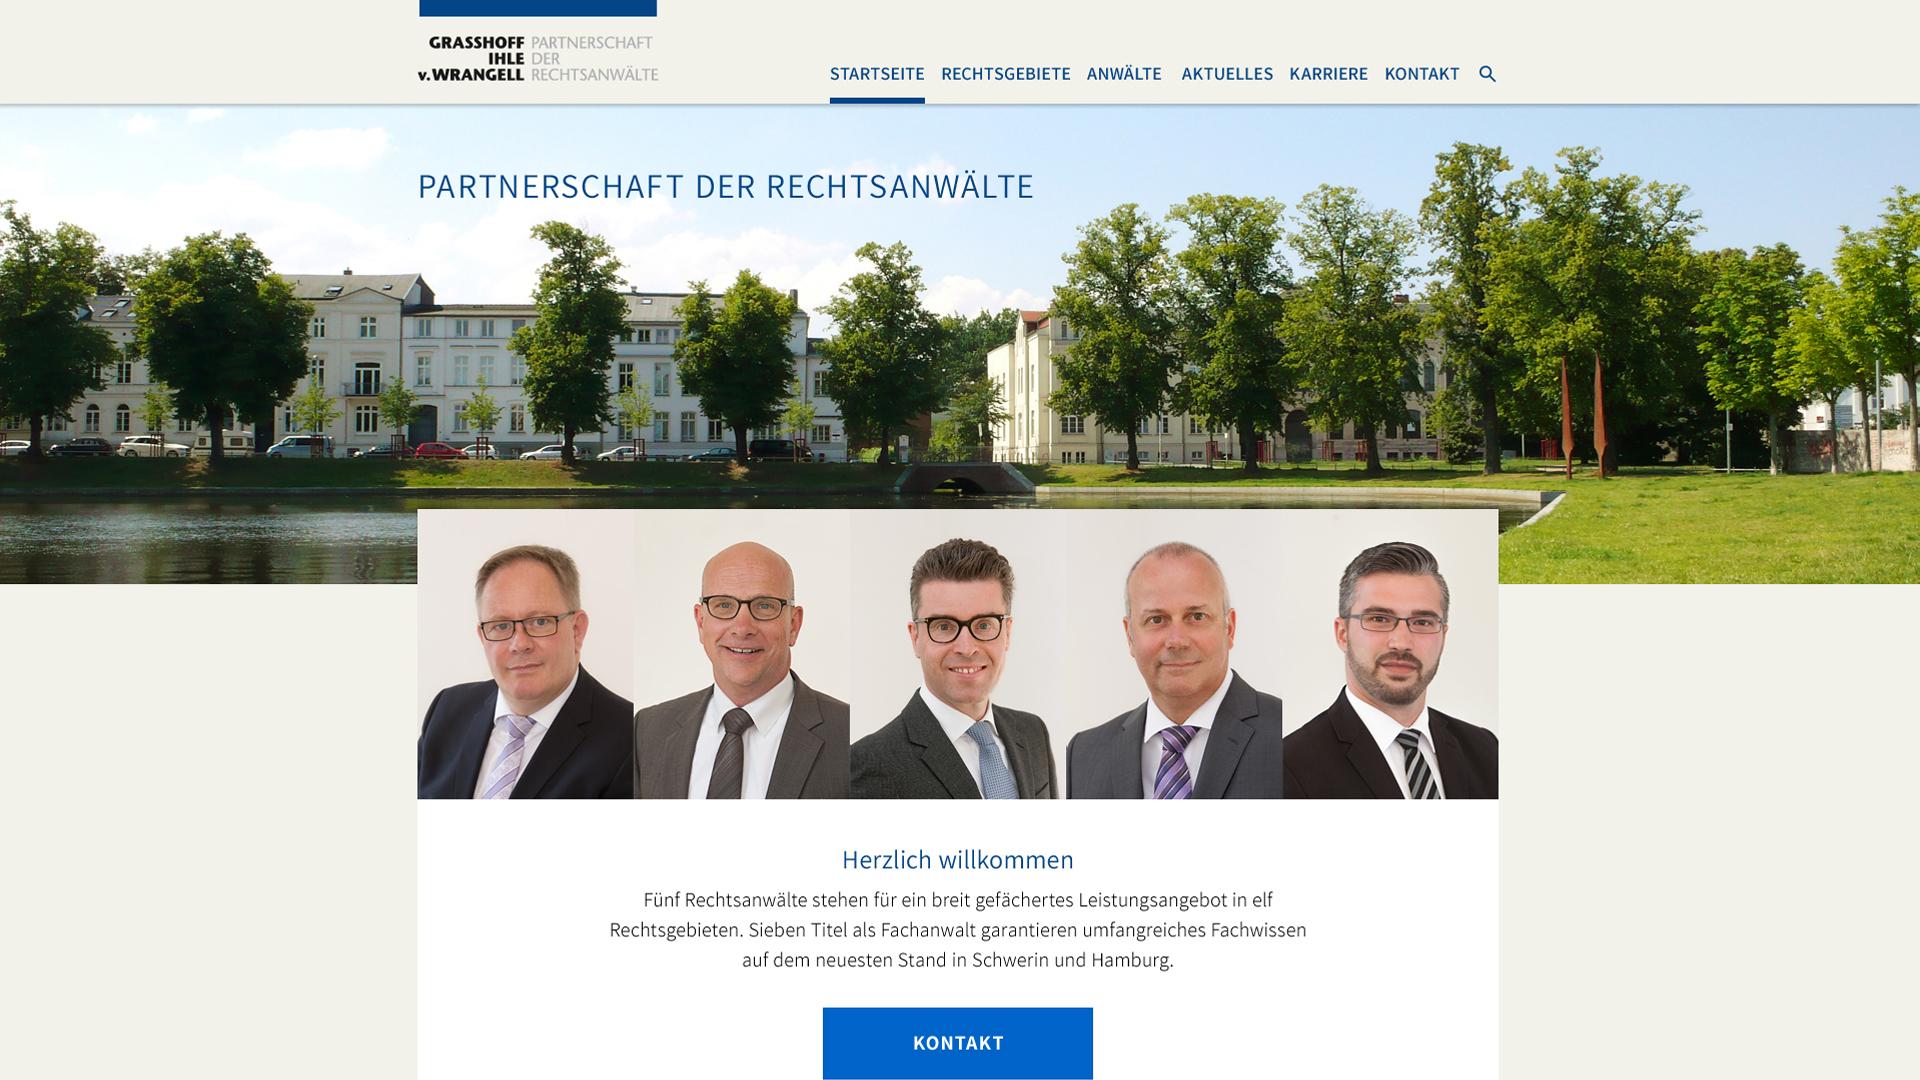 anwalts-kanzlei-webdesign-schwerin